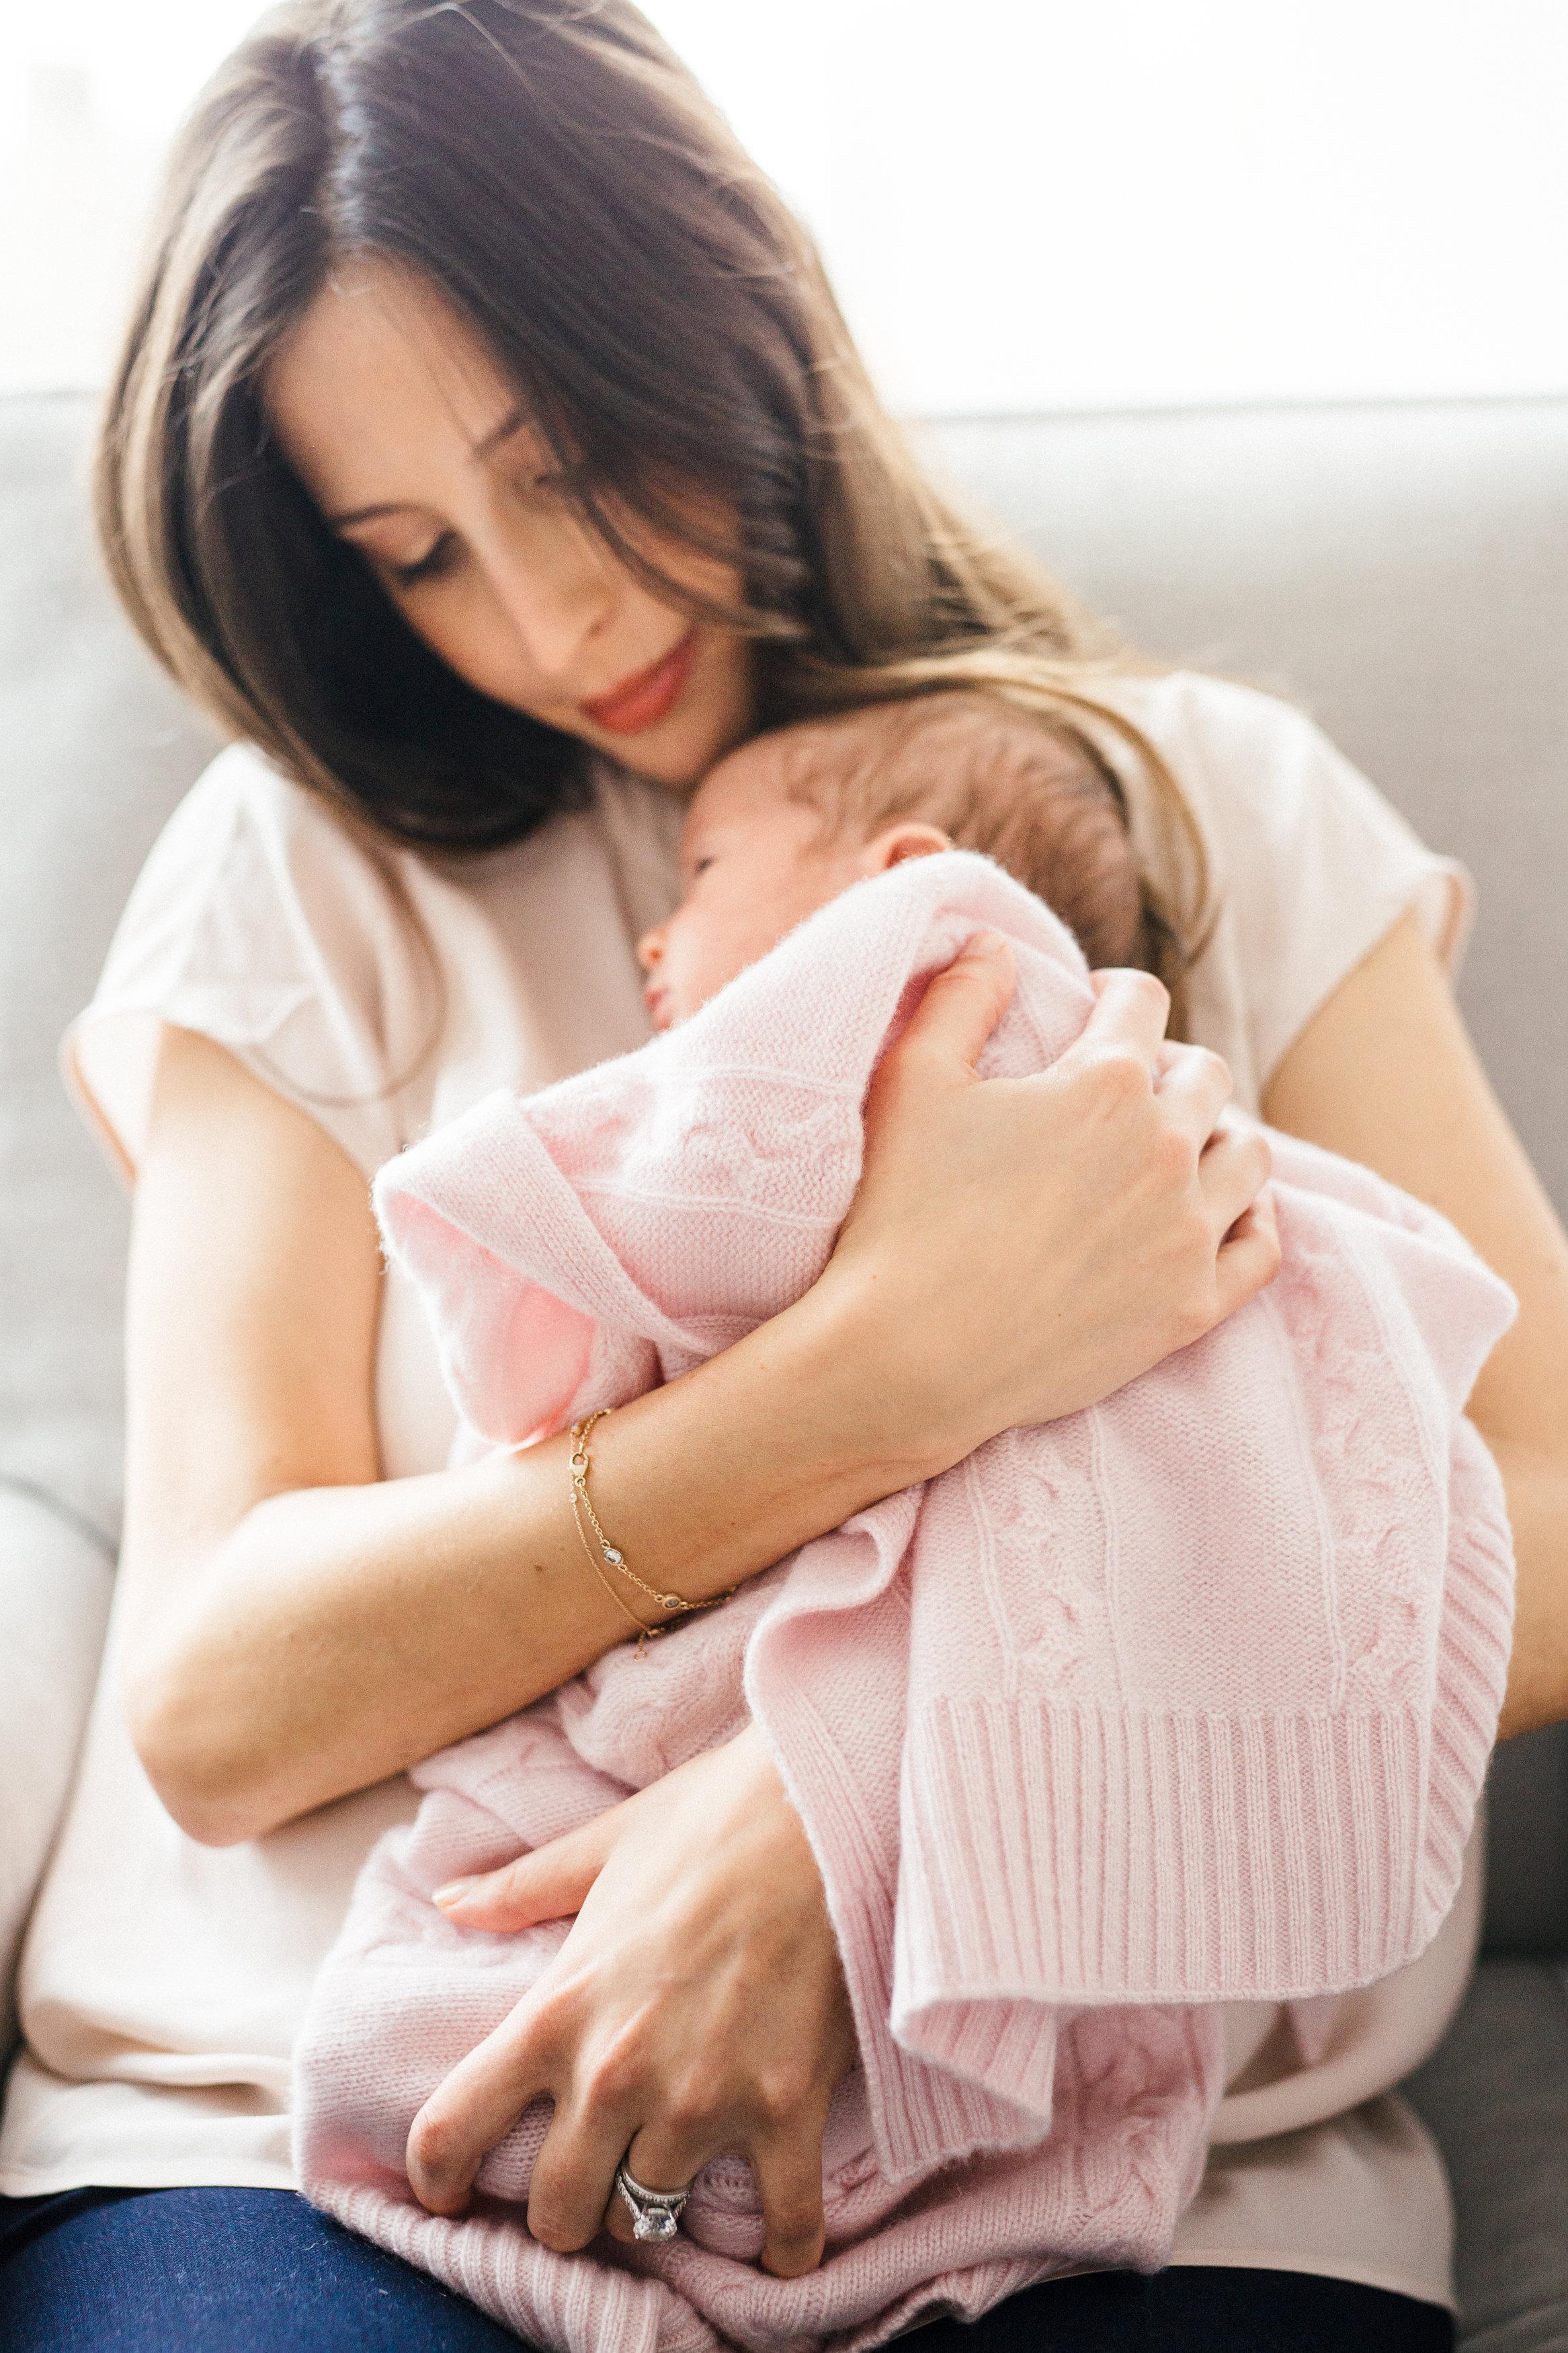 baby-raya_nyc-newborn-photography-12-2.jpg